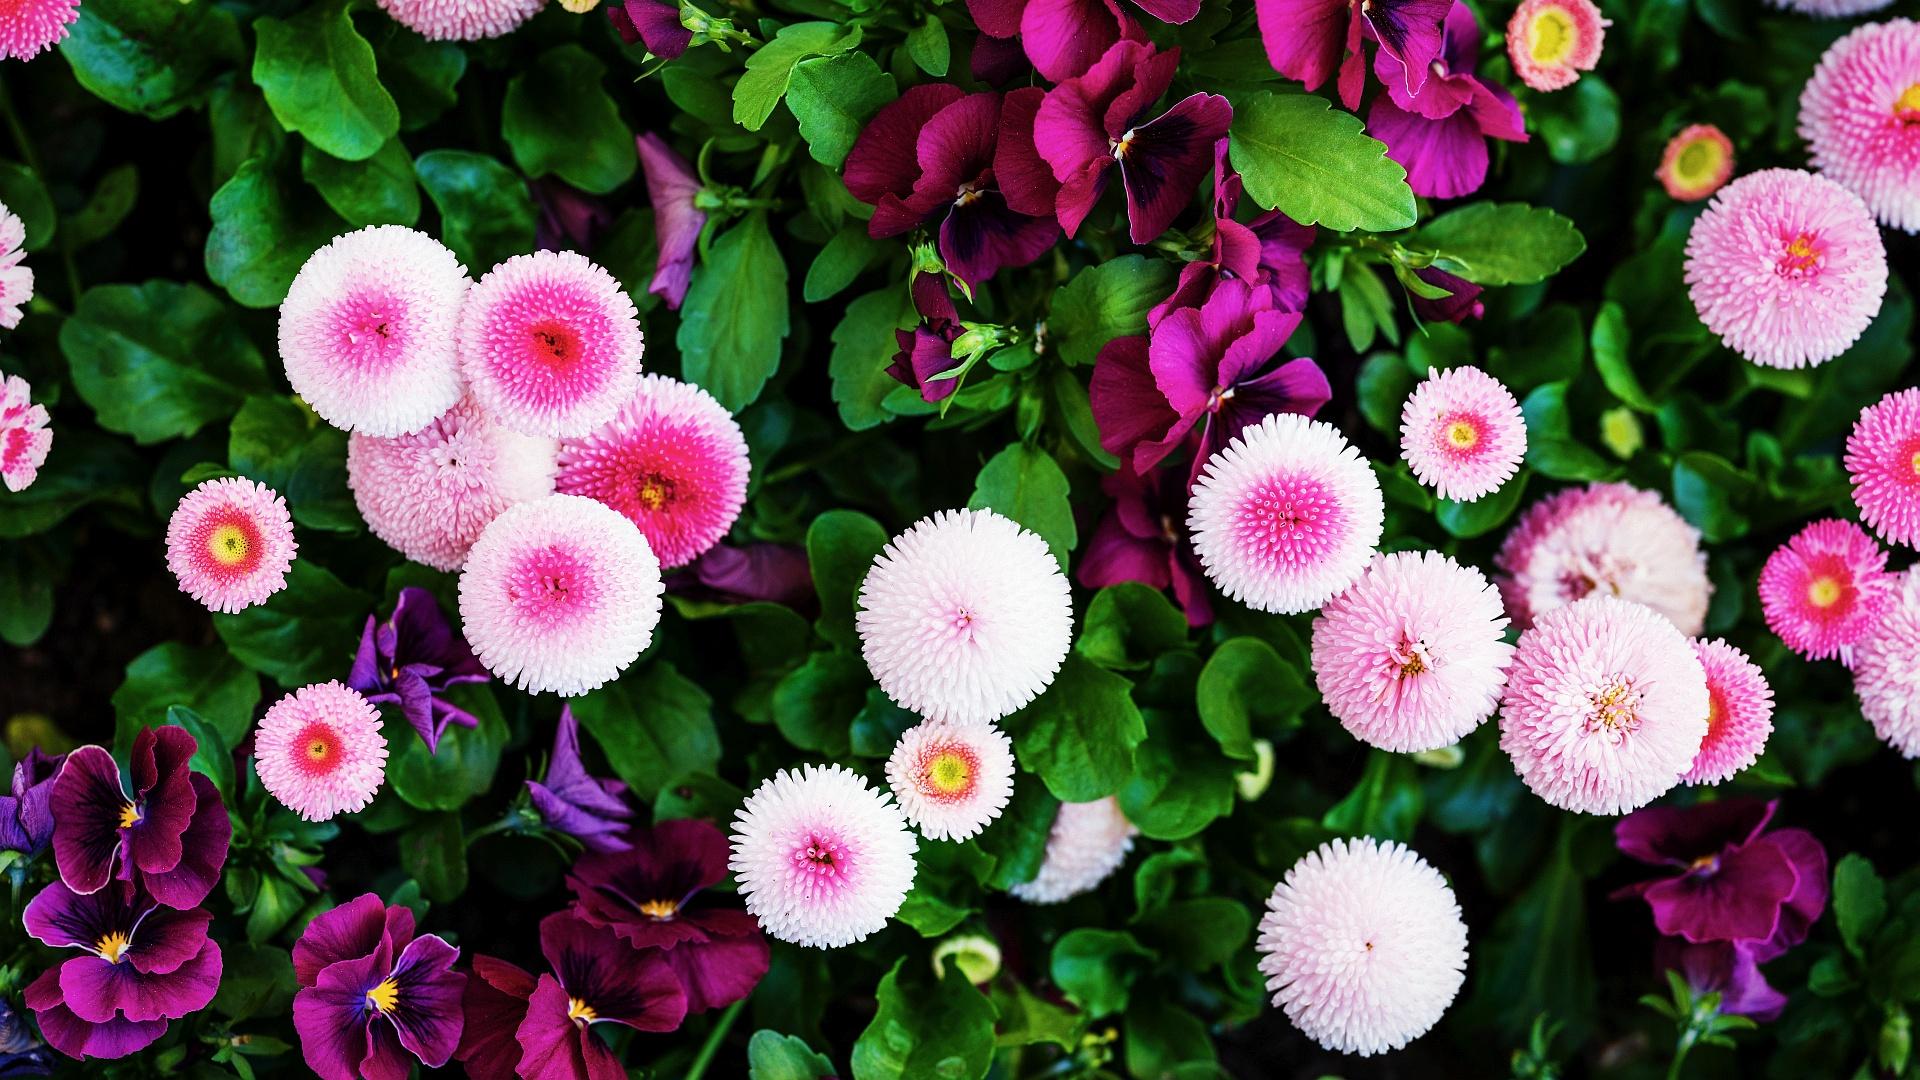 White Vs Pink